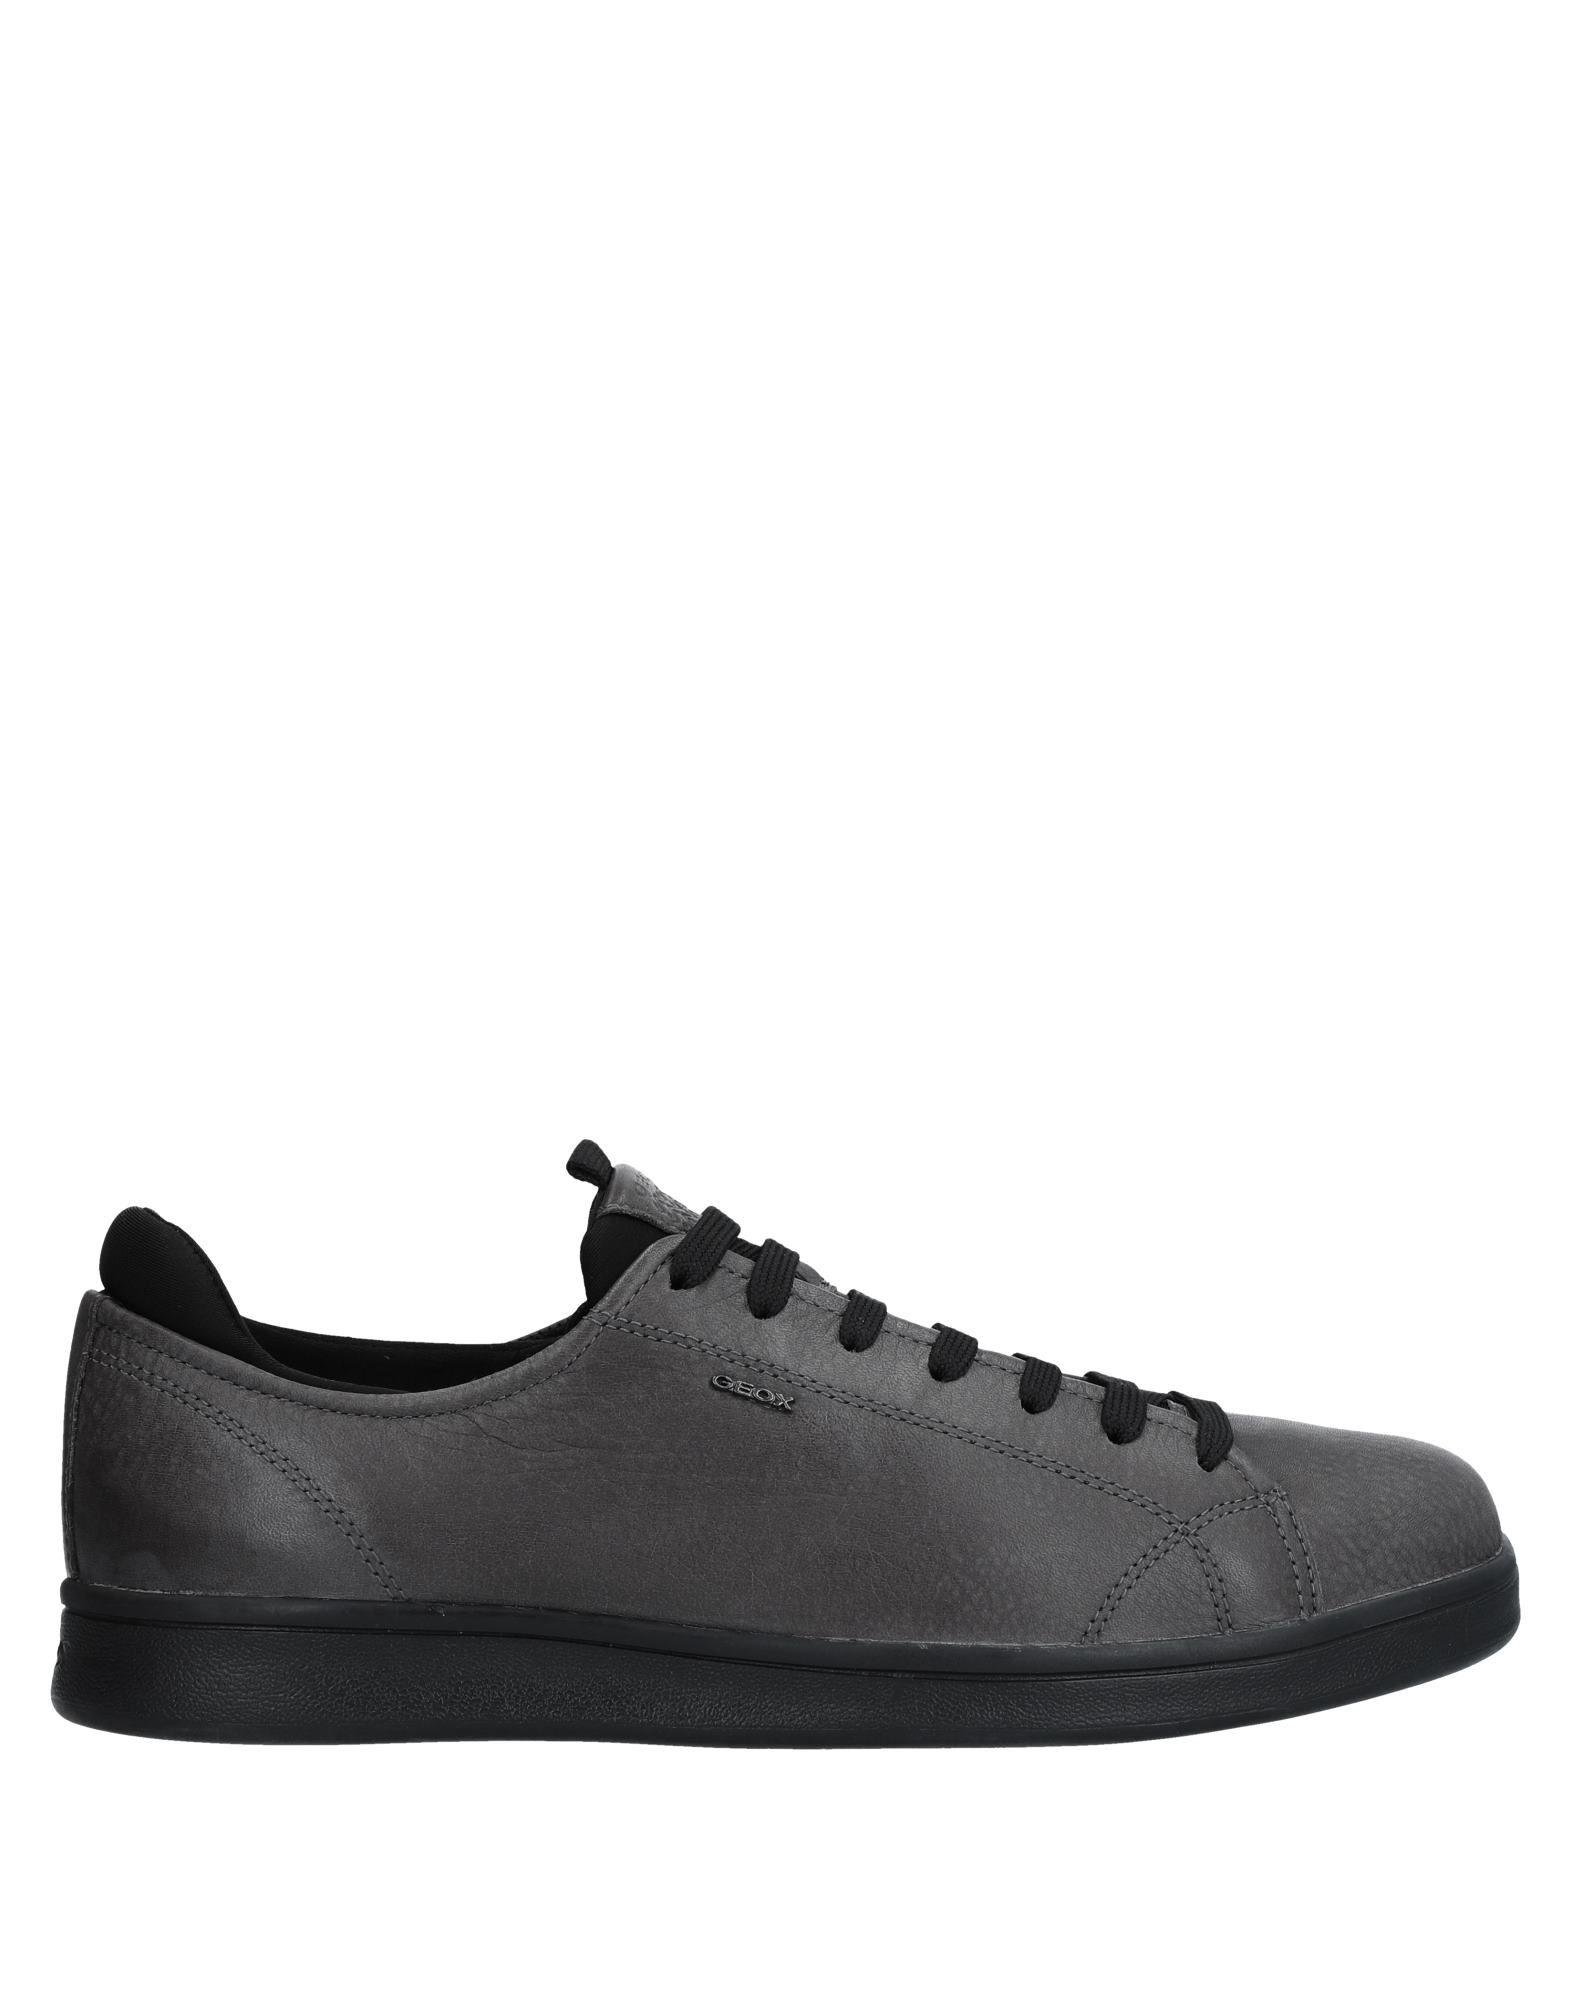 Sneakers Geox Homme - Sneakers Geox  Gris Nouvelles chaussures pour hommes et femmes, remise limitée dans le temps